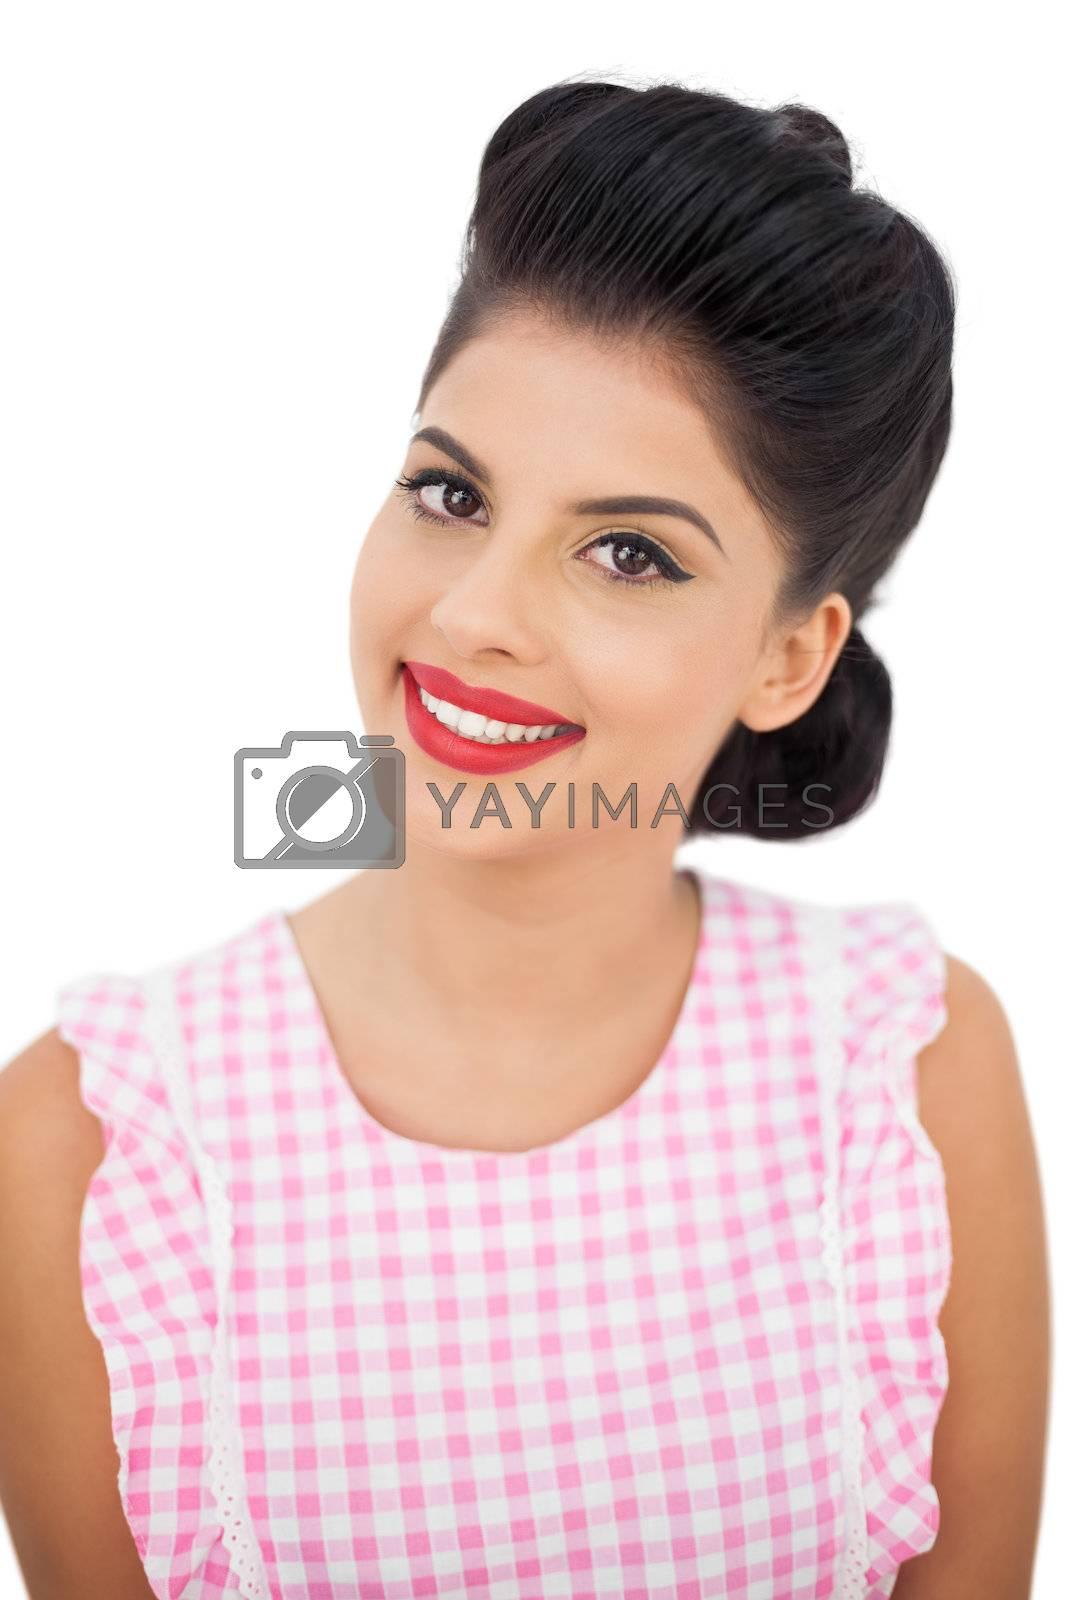 Smiling black hair model looking at camera by Wavebreakmedia